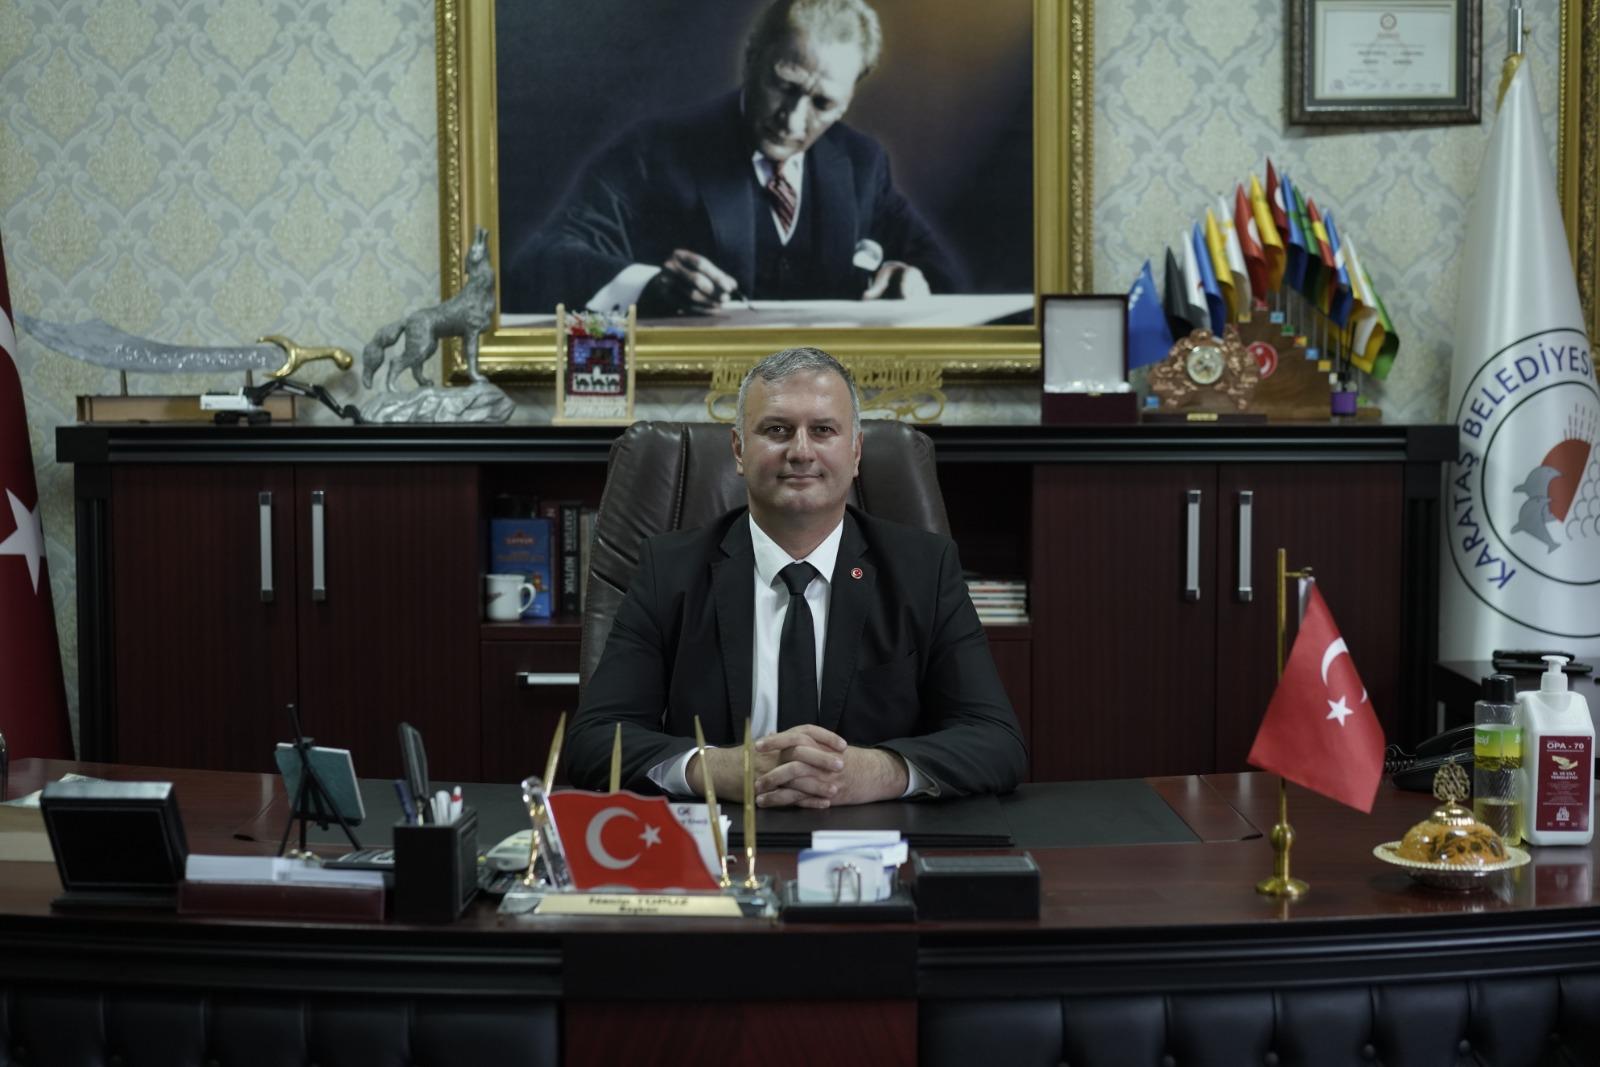 Karataş Belediye Başkanı Necip Topuz Ramazan Bayramı vesilesi ile bir mesaj yayımladı.